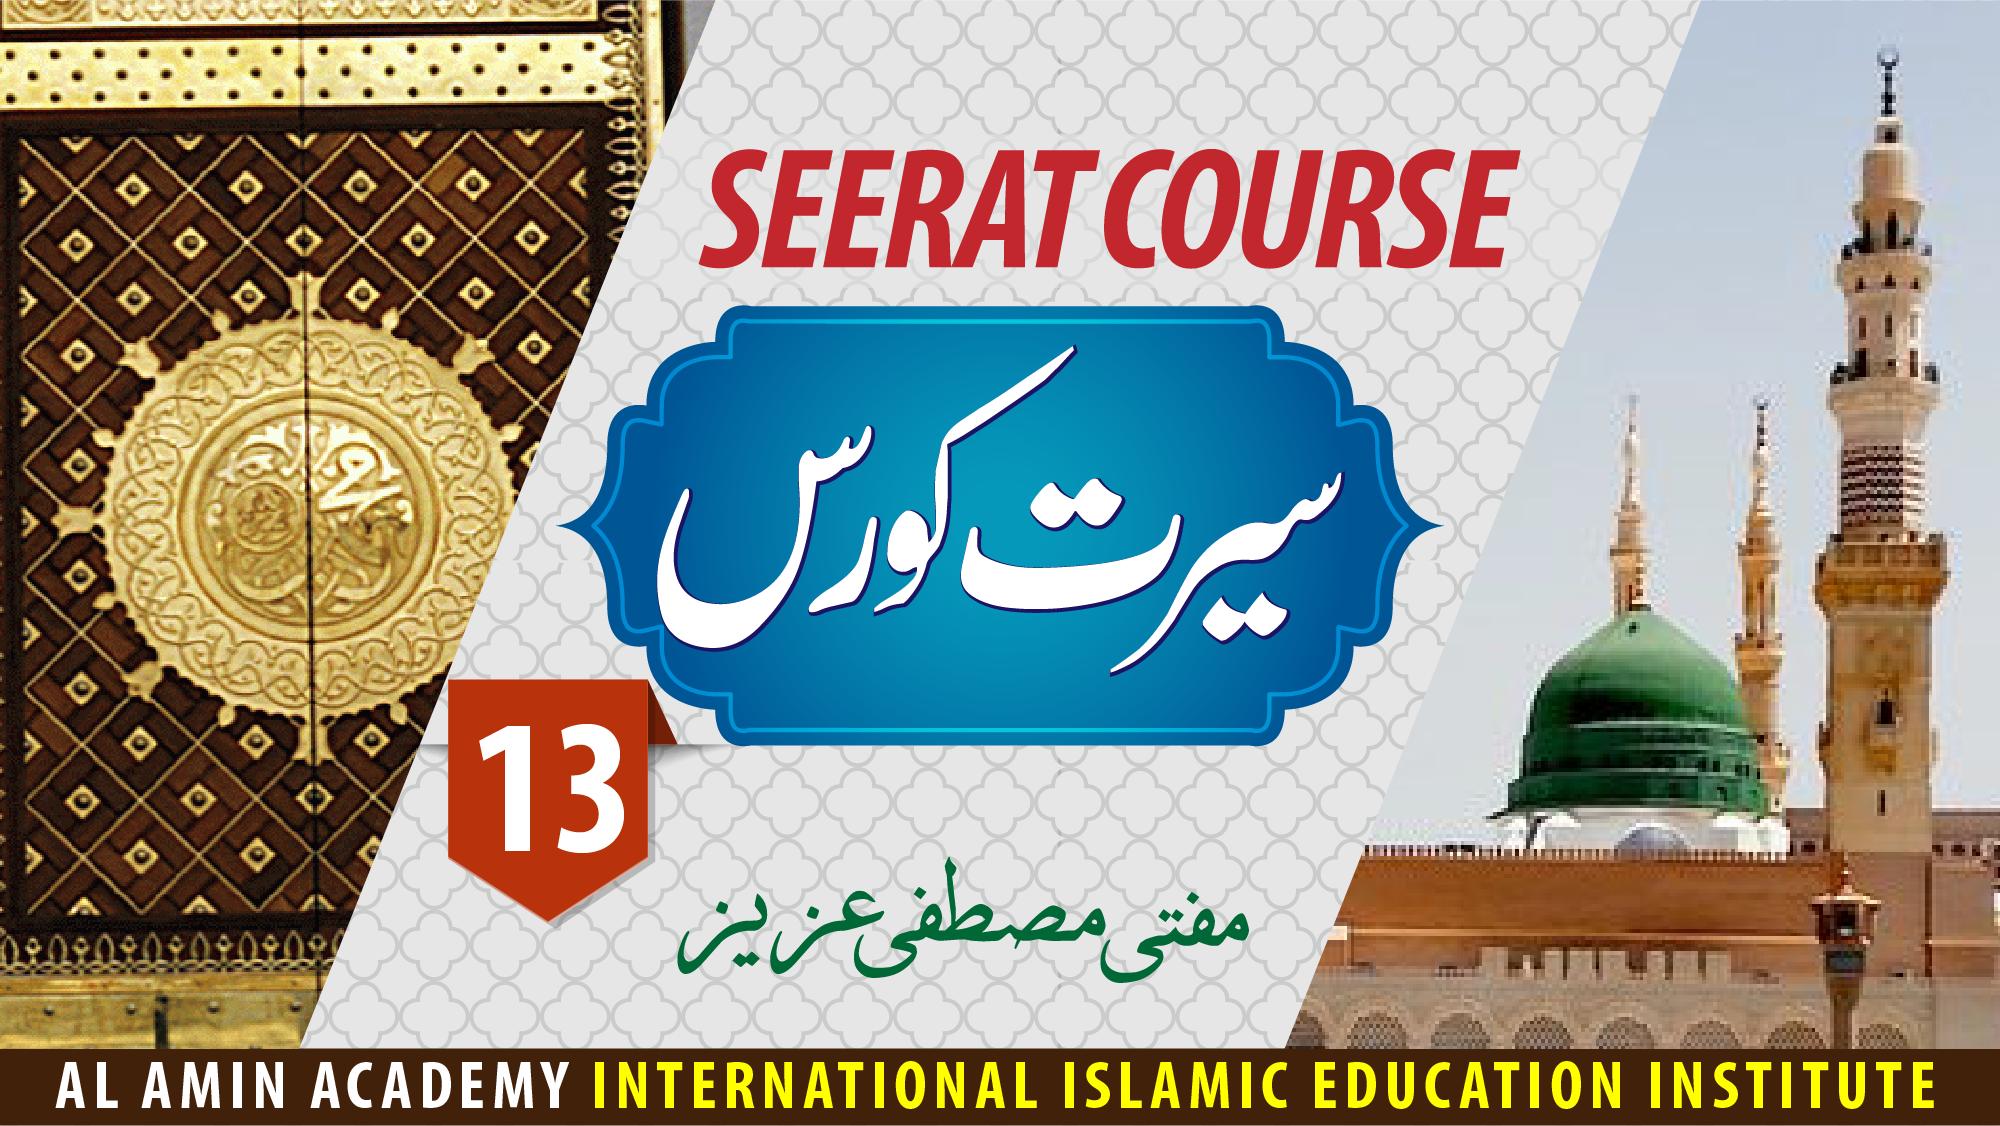 Seerat Course, islam pictures, islam religion, islam symbol, islam